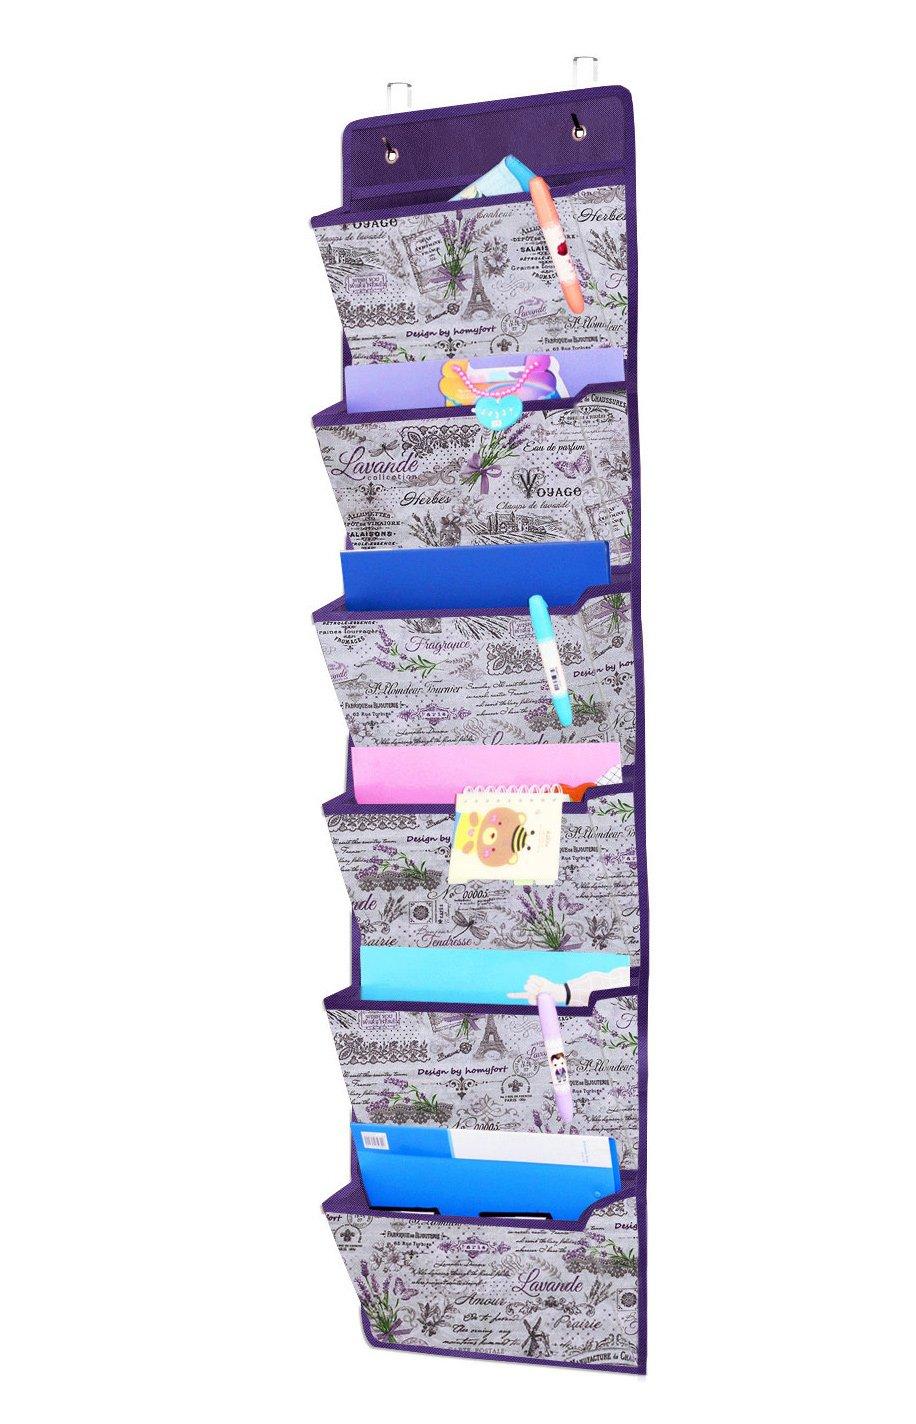 Gafas de Sol Ropa Estanter/ías de Tela para Colgar en Las Puertas o en la Pared homyfort Estanteria Colgante para Organizar Gris Colgadores de Puerta con 6 Bolsillos para Juguetes MAGAZINE1